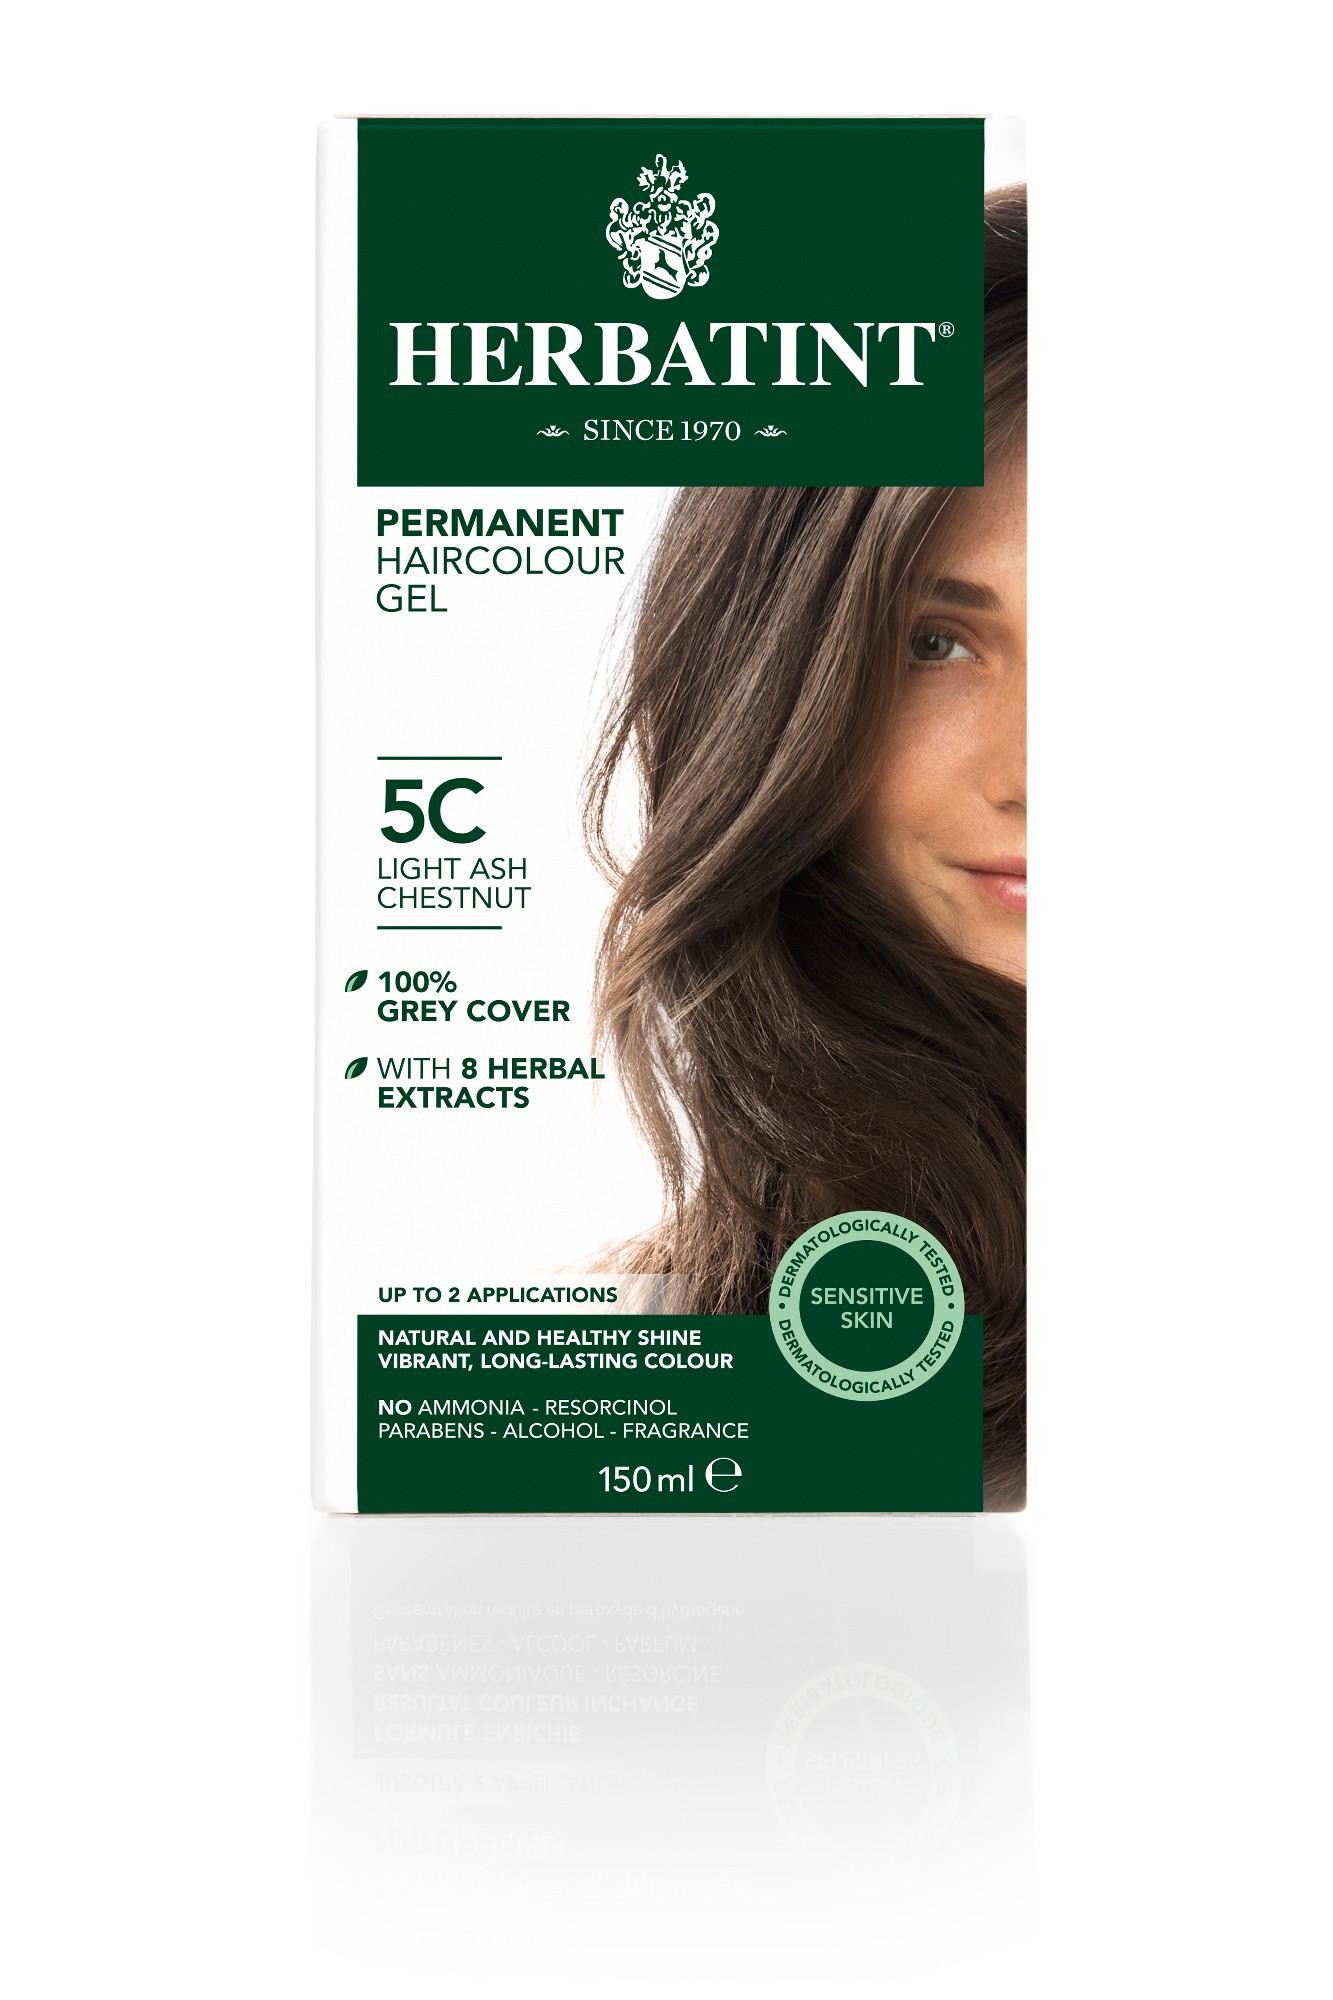 Ilgalaikiai plaukų dažai HERBATINT 5C šviesus pelenų kaštonas, 150 ml